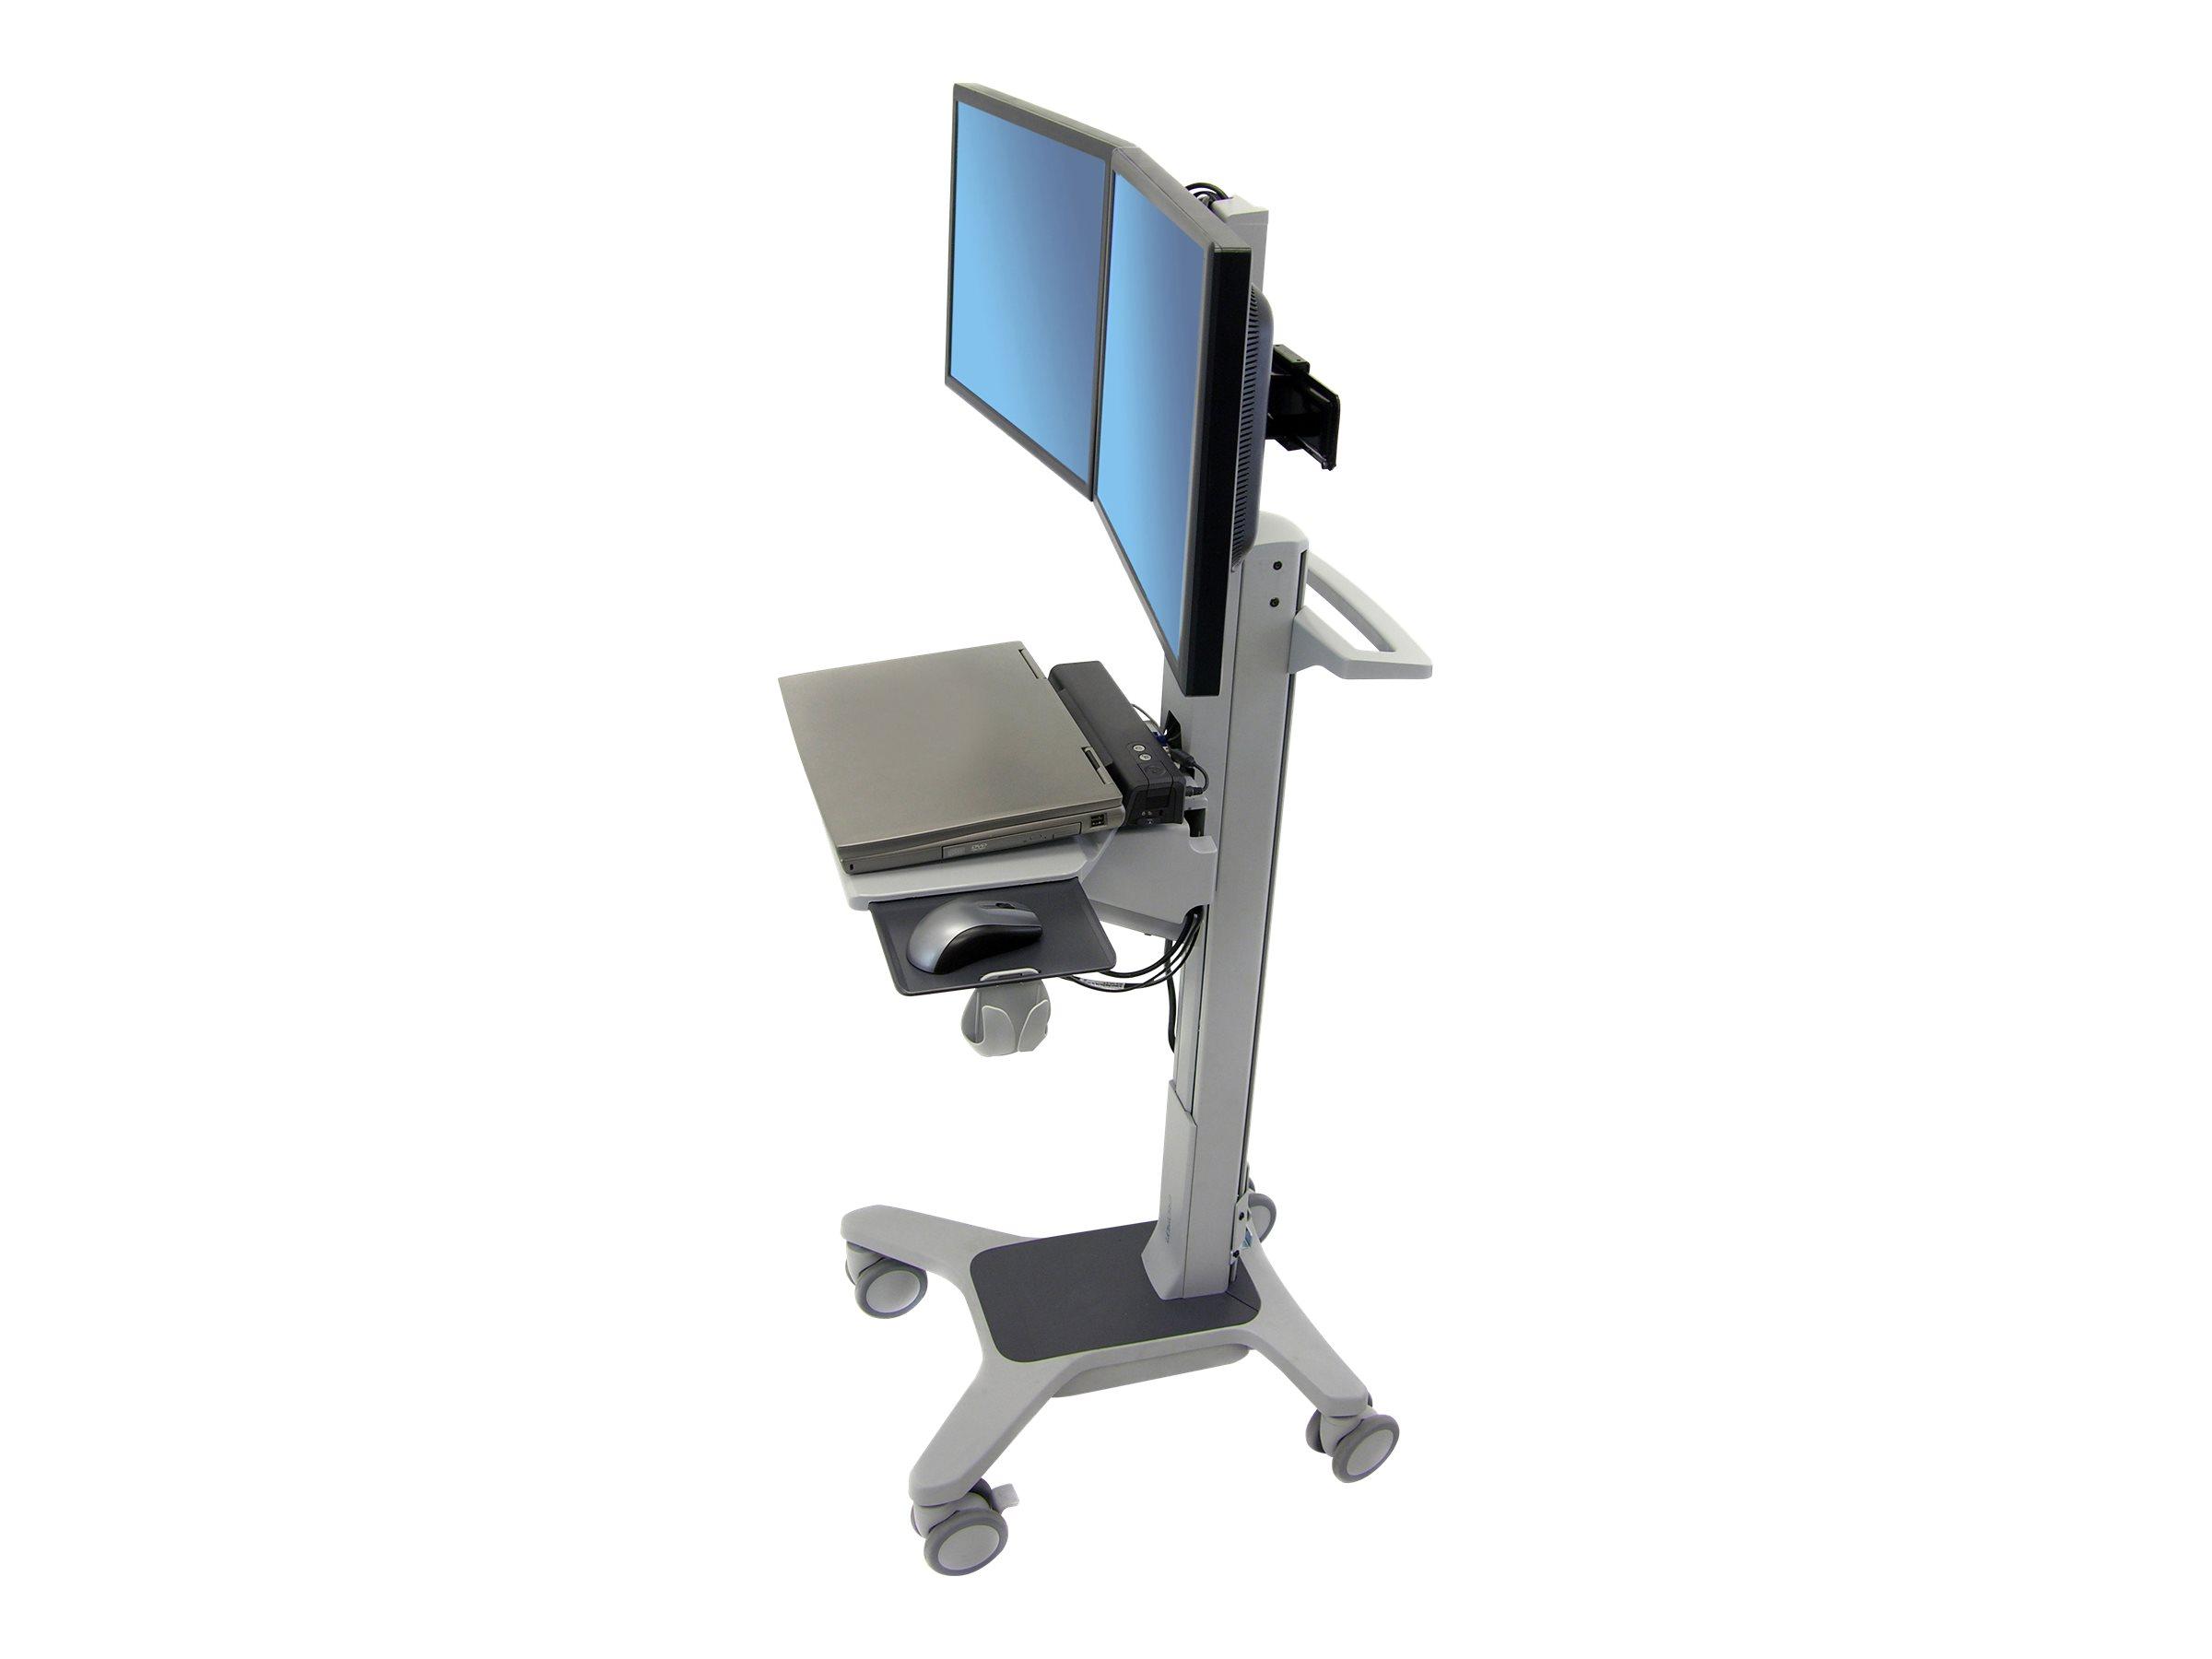 Ergotron Neo-Flex Dual WideView WorkSpace - Wagen für LCD-Display / Tastatur / Maus / CPU / Scanner - Aluminium, pulverbeschicht